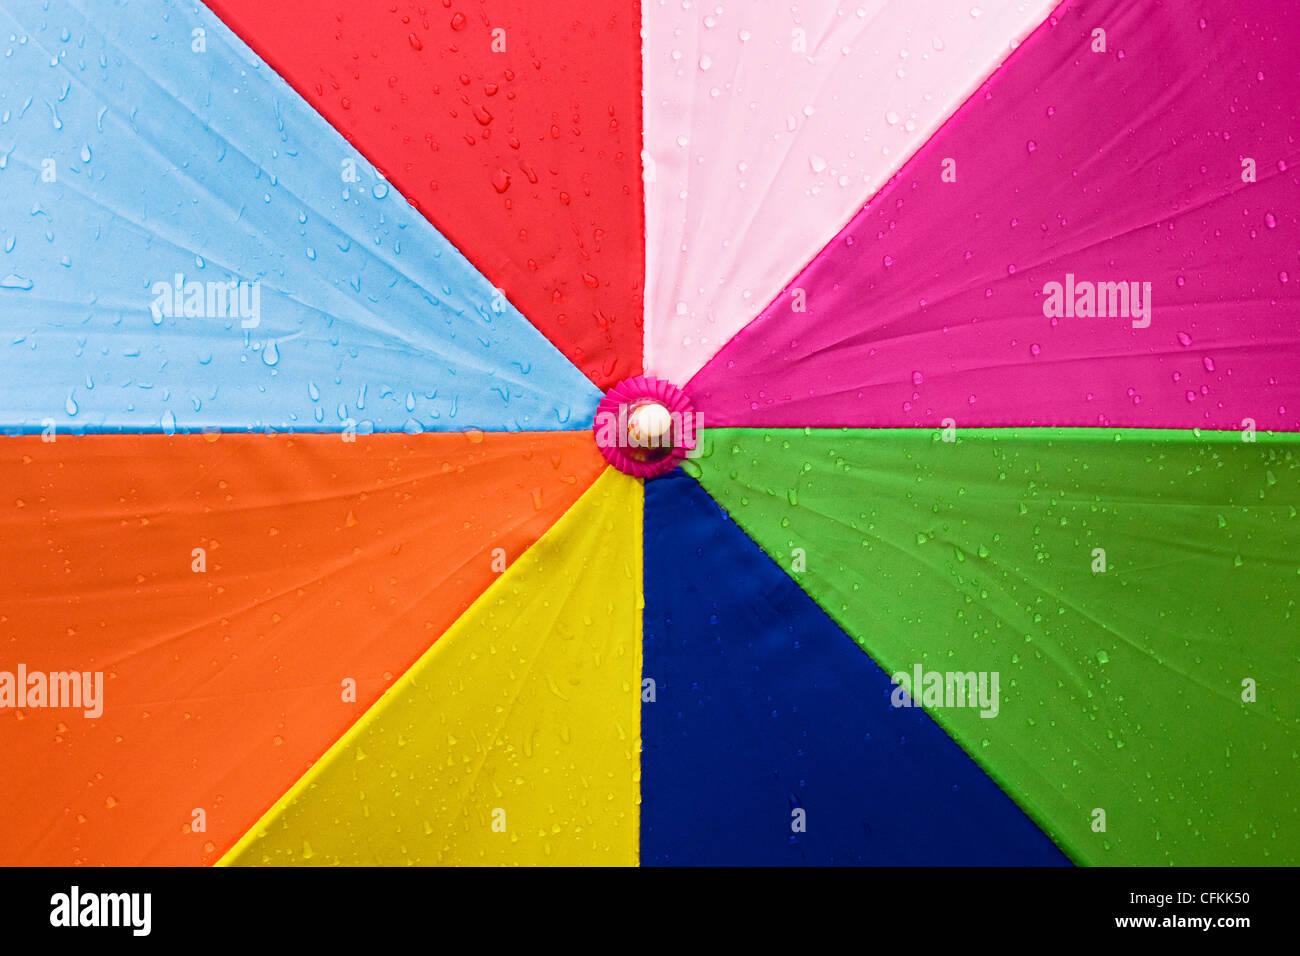 Close up of a multicoloured umbrella in the rain. - Stock Image